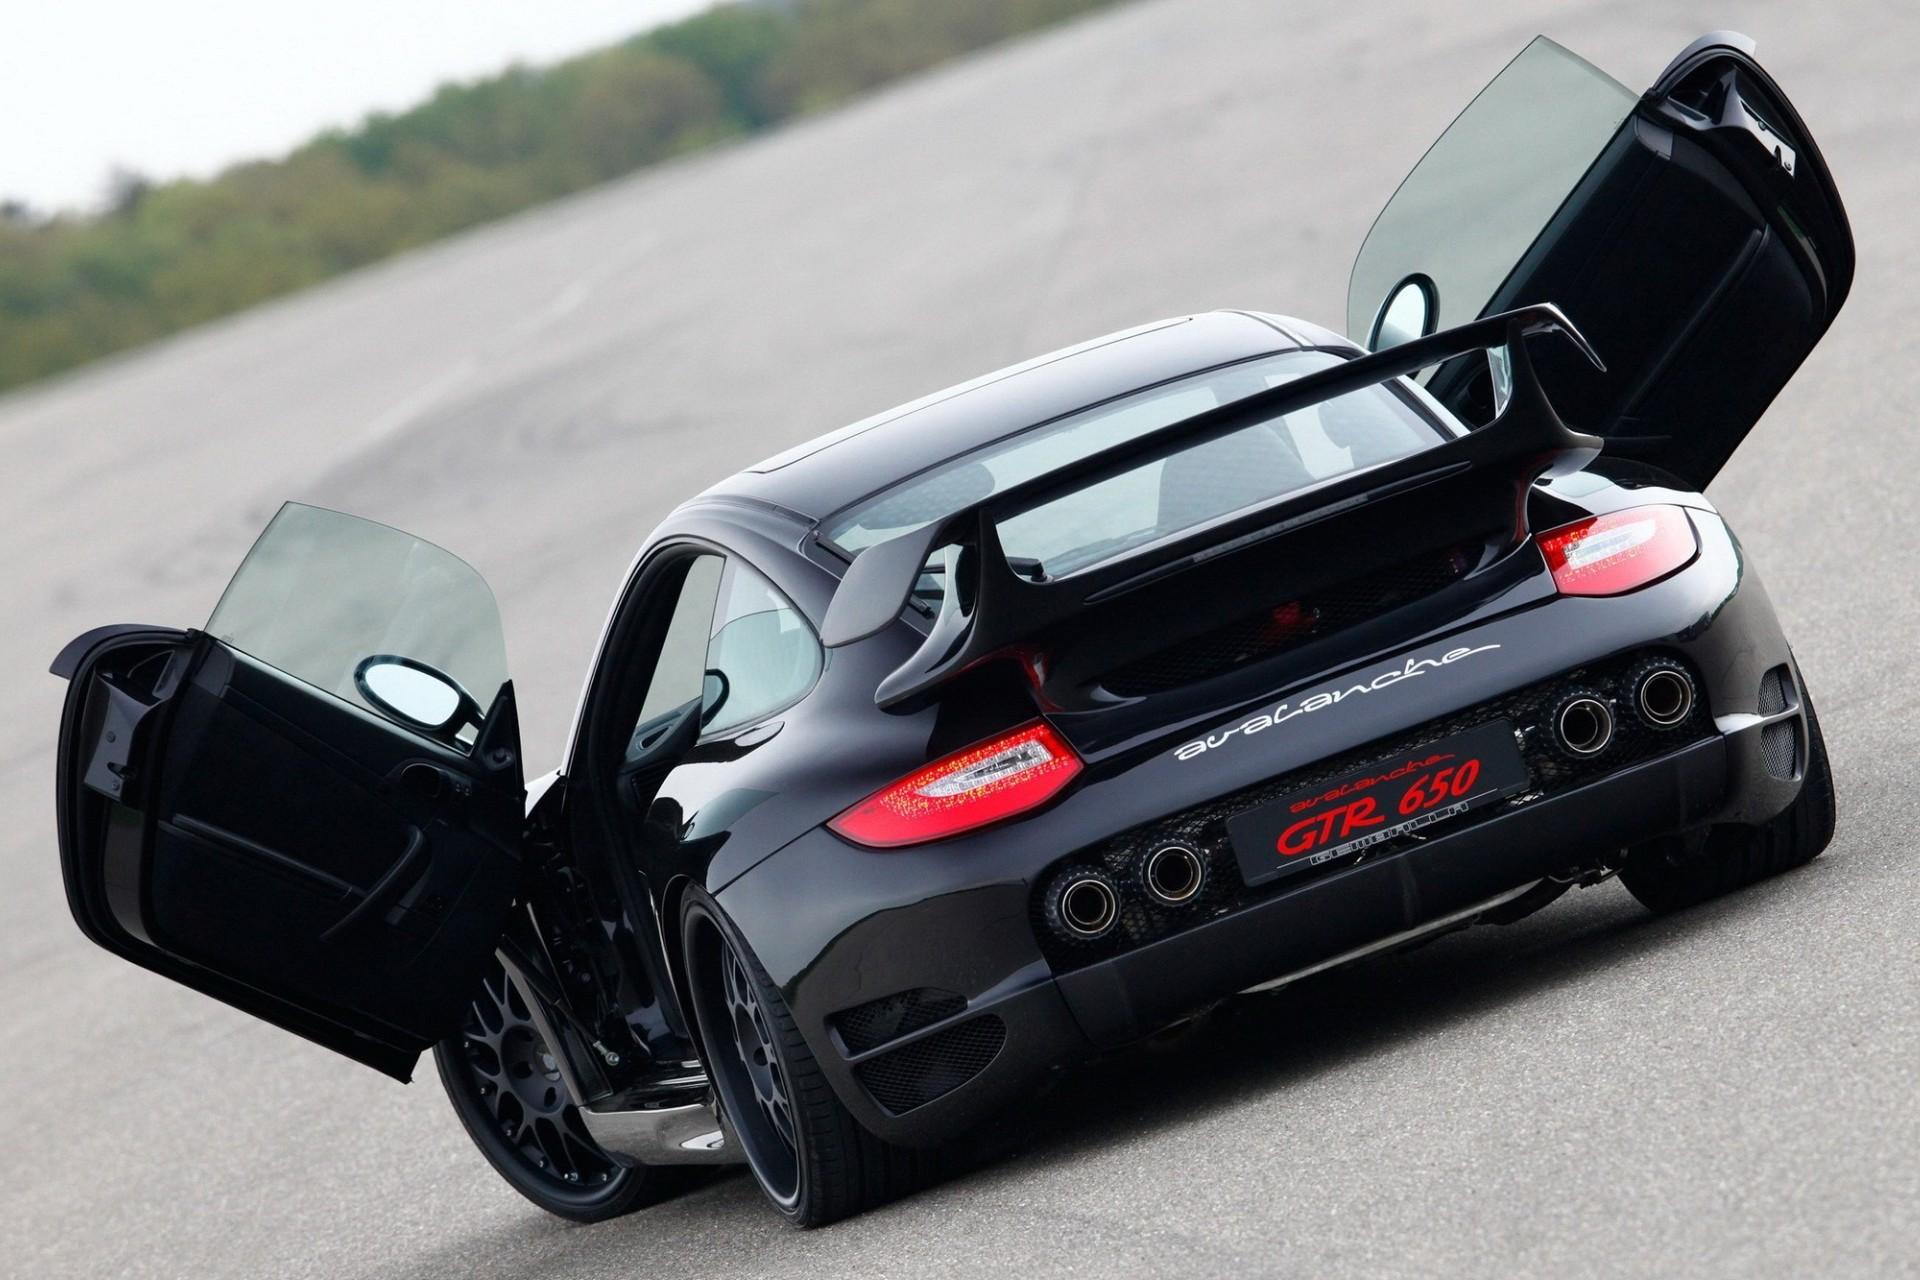 Porsche Gtr Tuning Gemballa 3 Sport Cars Avalanche